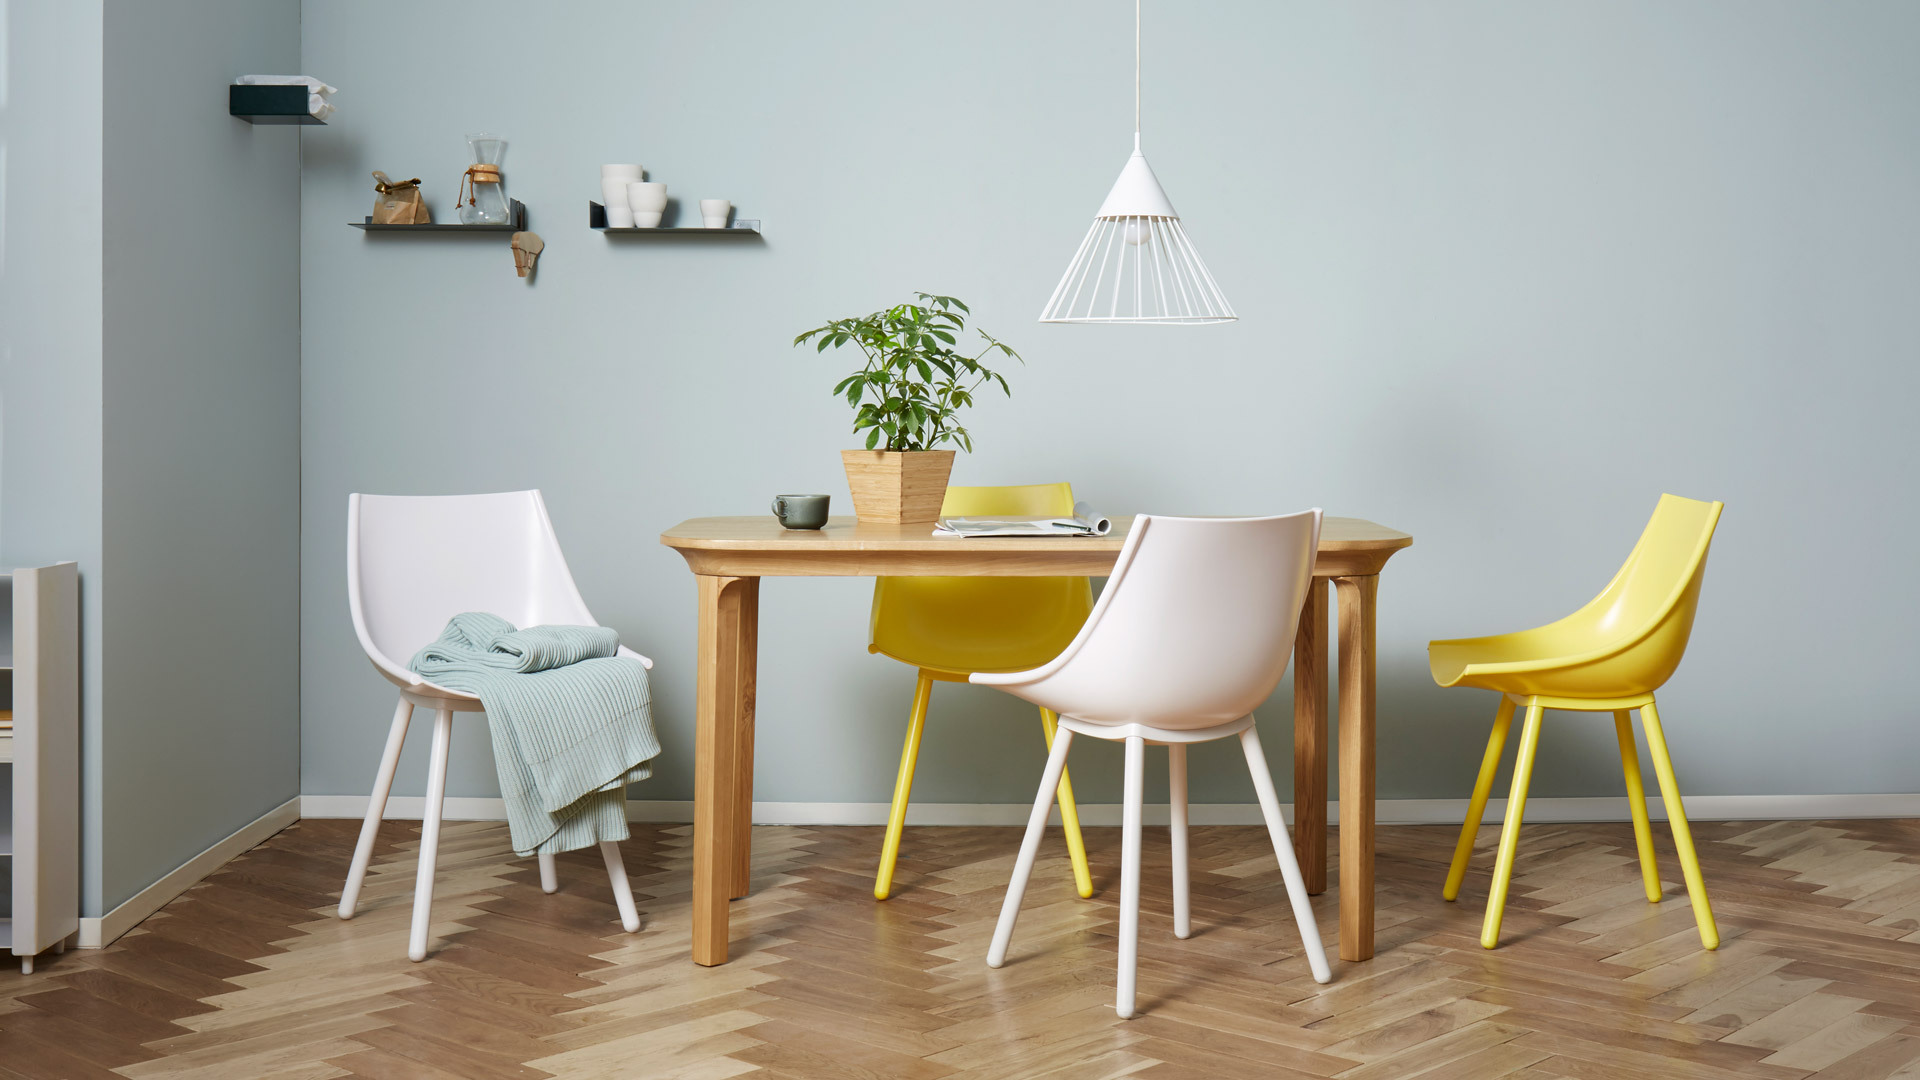 1.3米餐桌,4-6人围坐的畅聊宴饮